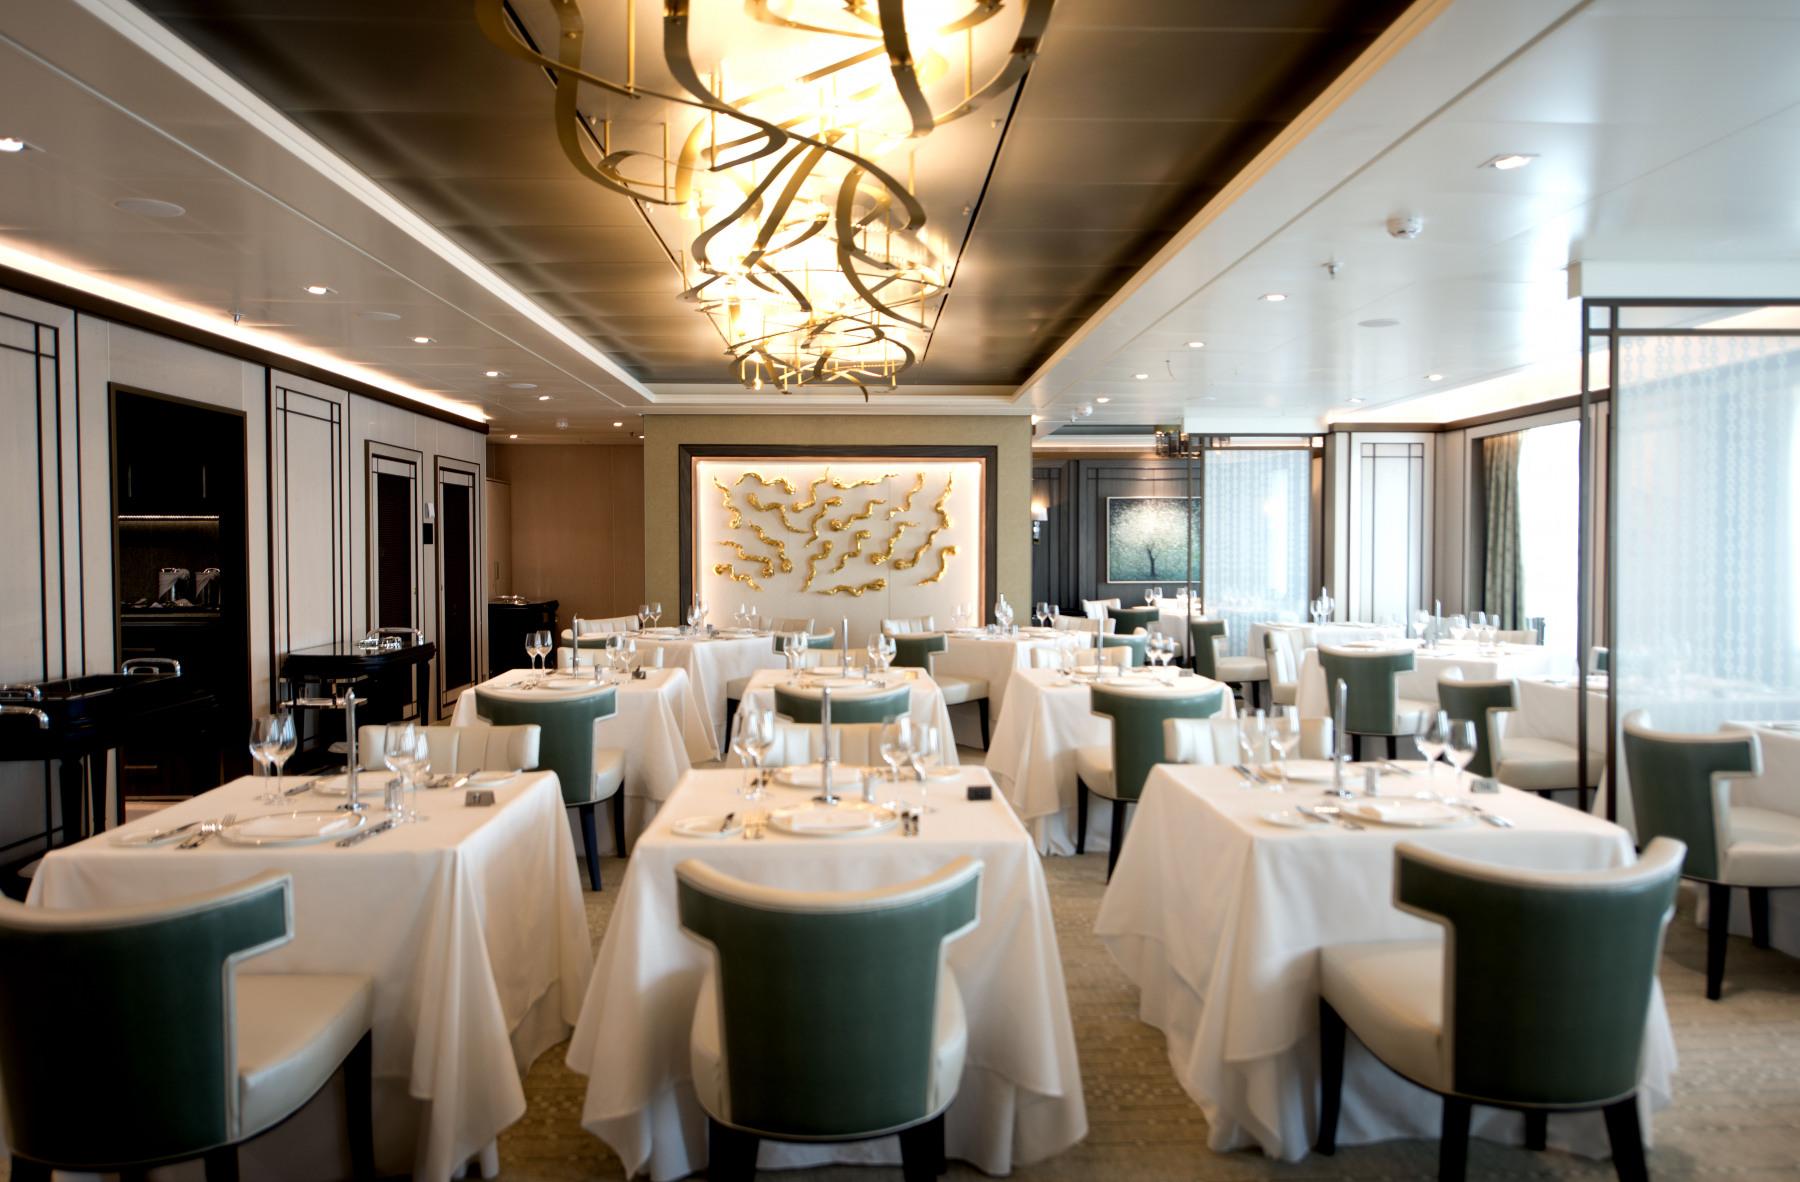 P&O Cruises Britannia Interior The Epicurean Mod D806541 [Tif 14715119202].jpg